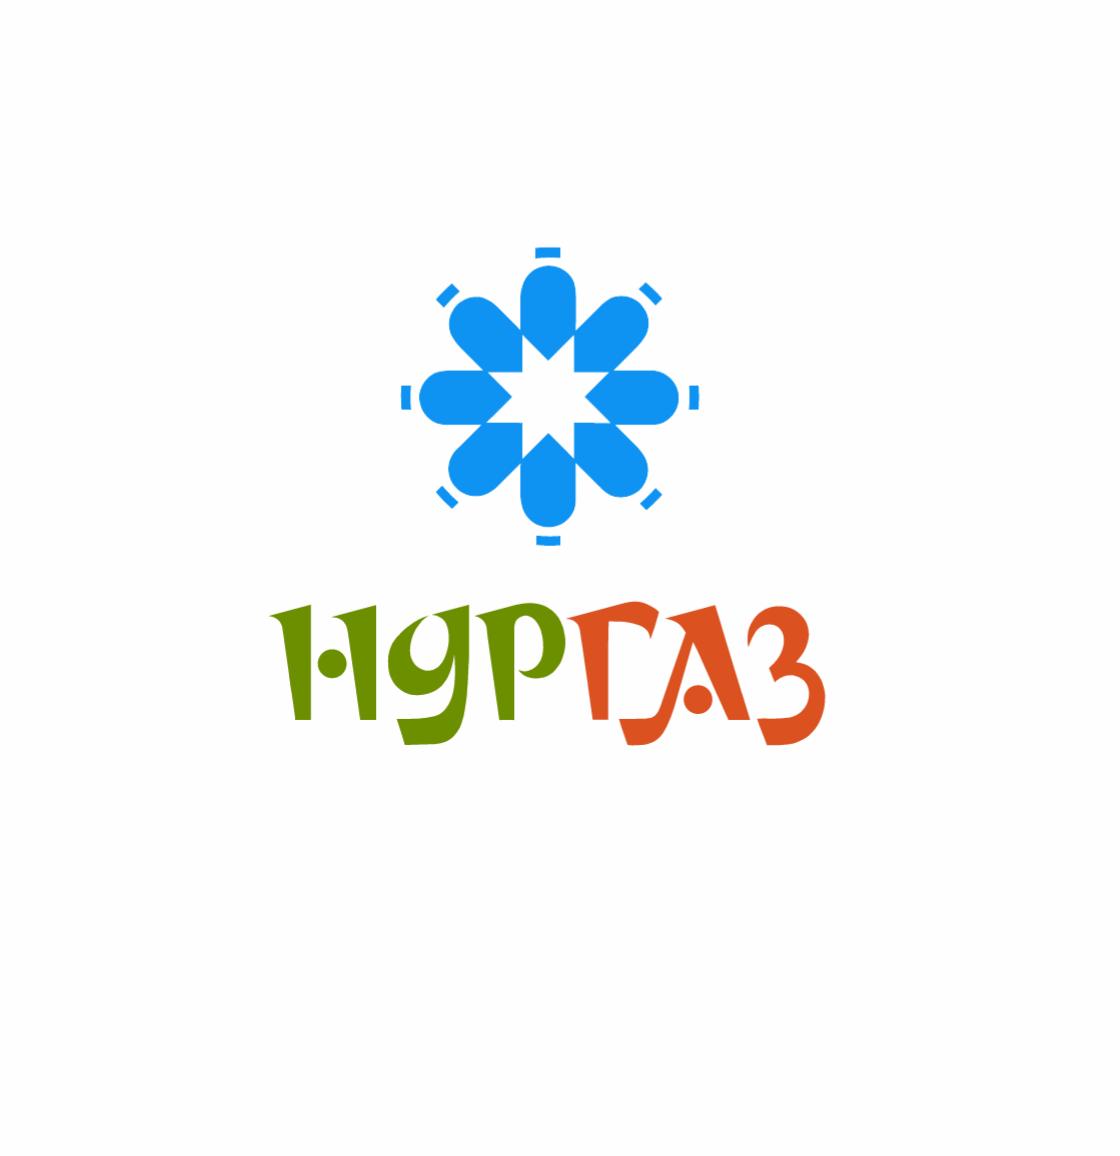 Разработка логотипа и фирменного стиля фото f_4205da6855678582.png